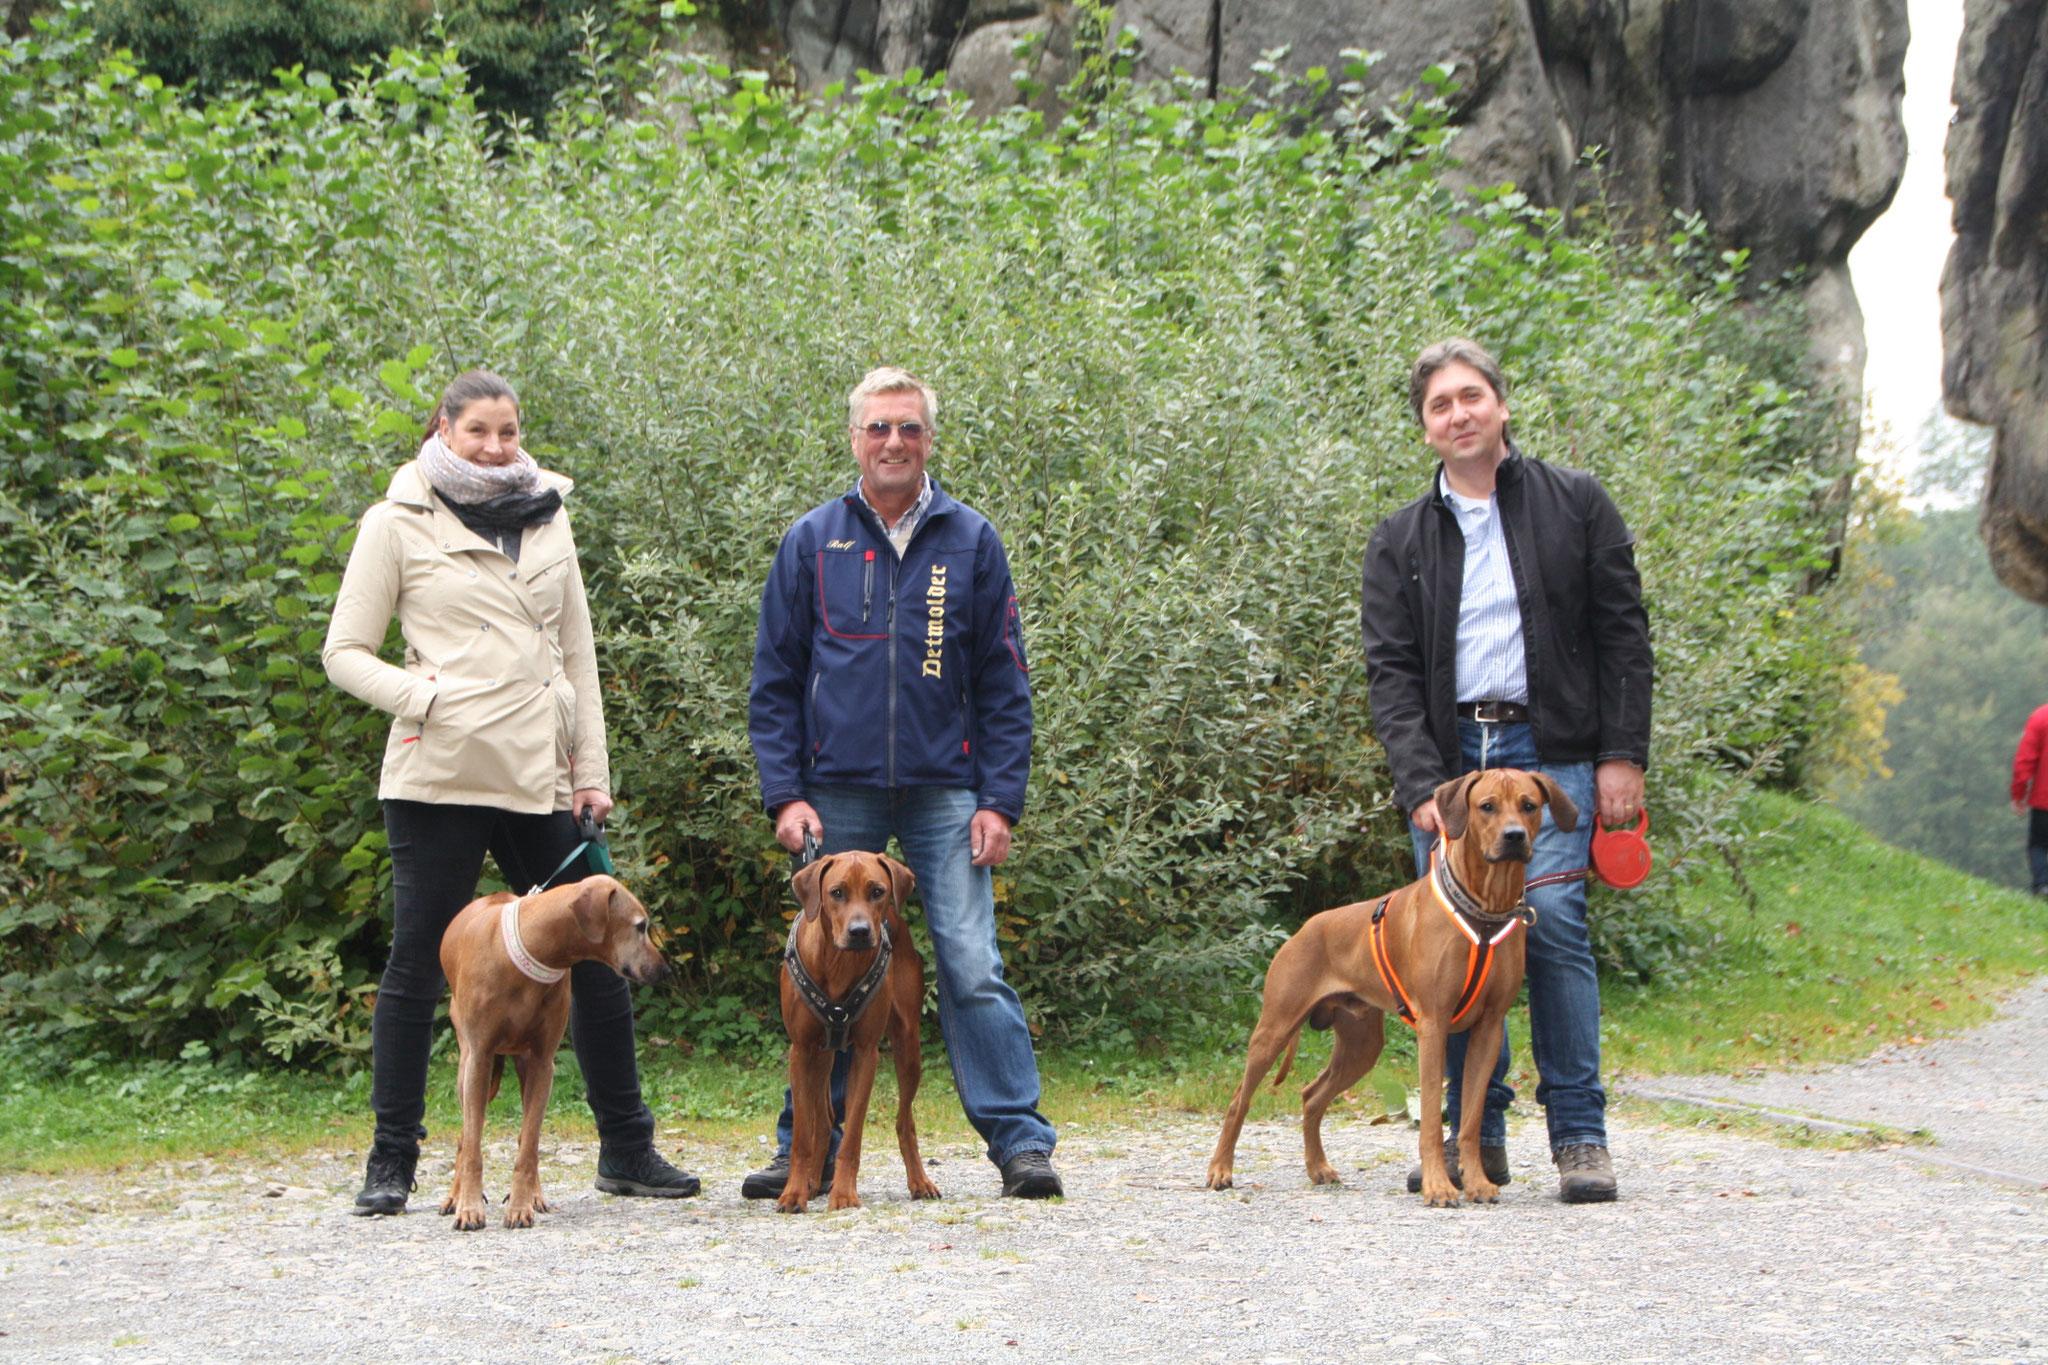 Es war erwartend viel los, sodass es für unsere Hunde mit so vielen Gleichgesinnten und Menschen eine Herausforderung gewesen ist.